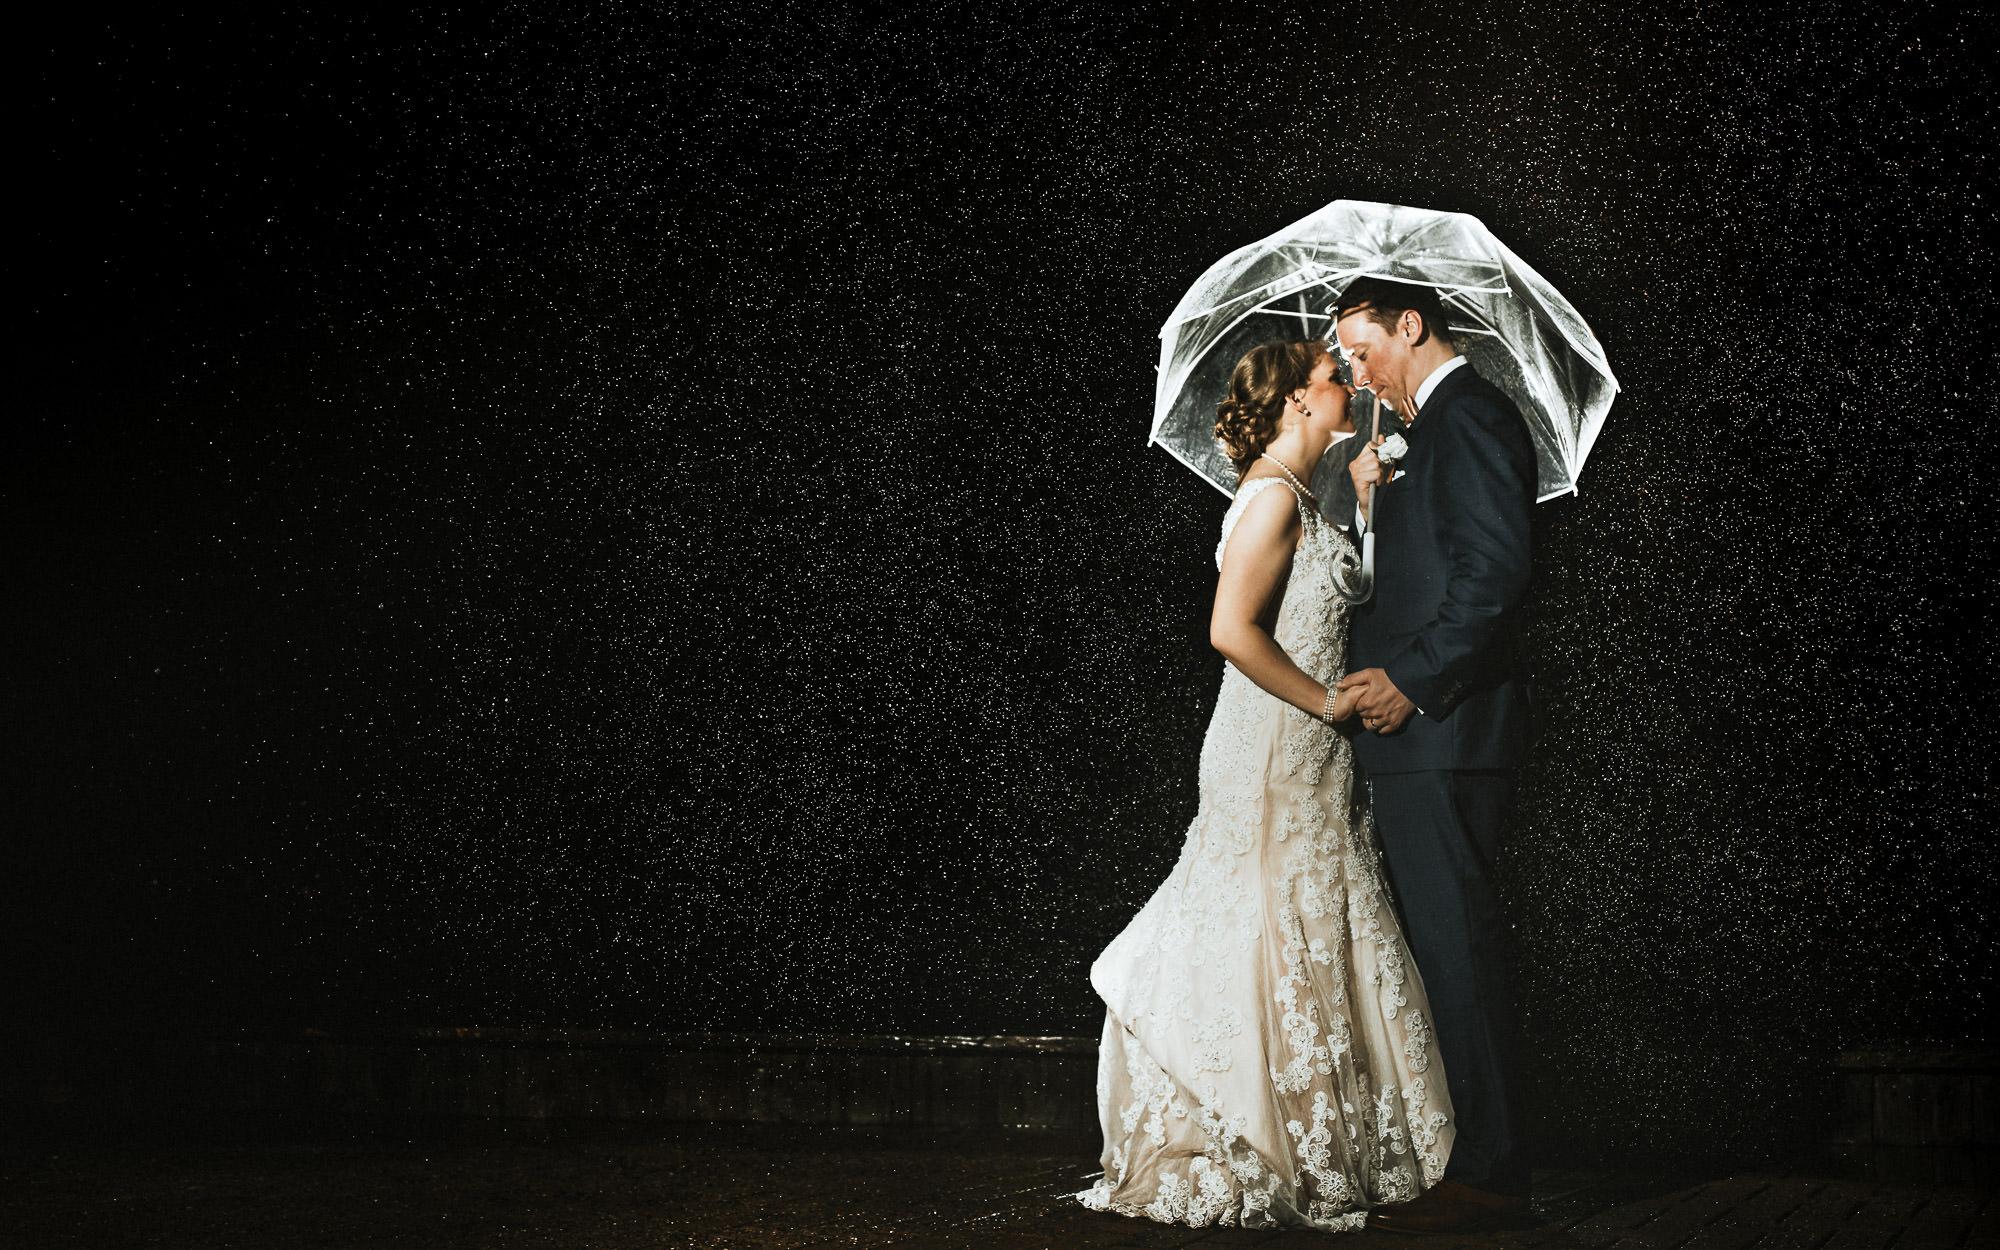 jay-cassario-jim-katie-rain-shot-0001.jpg